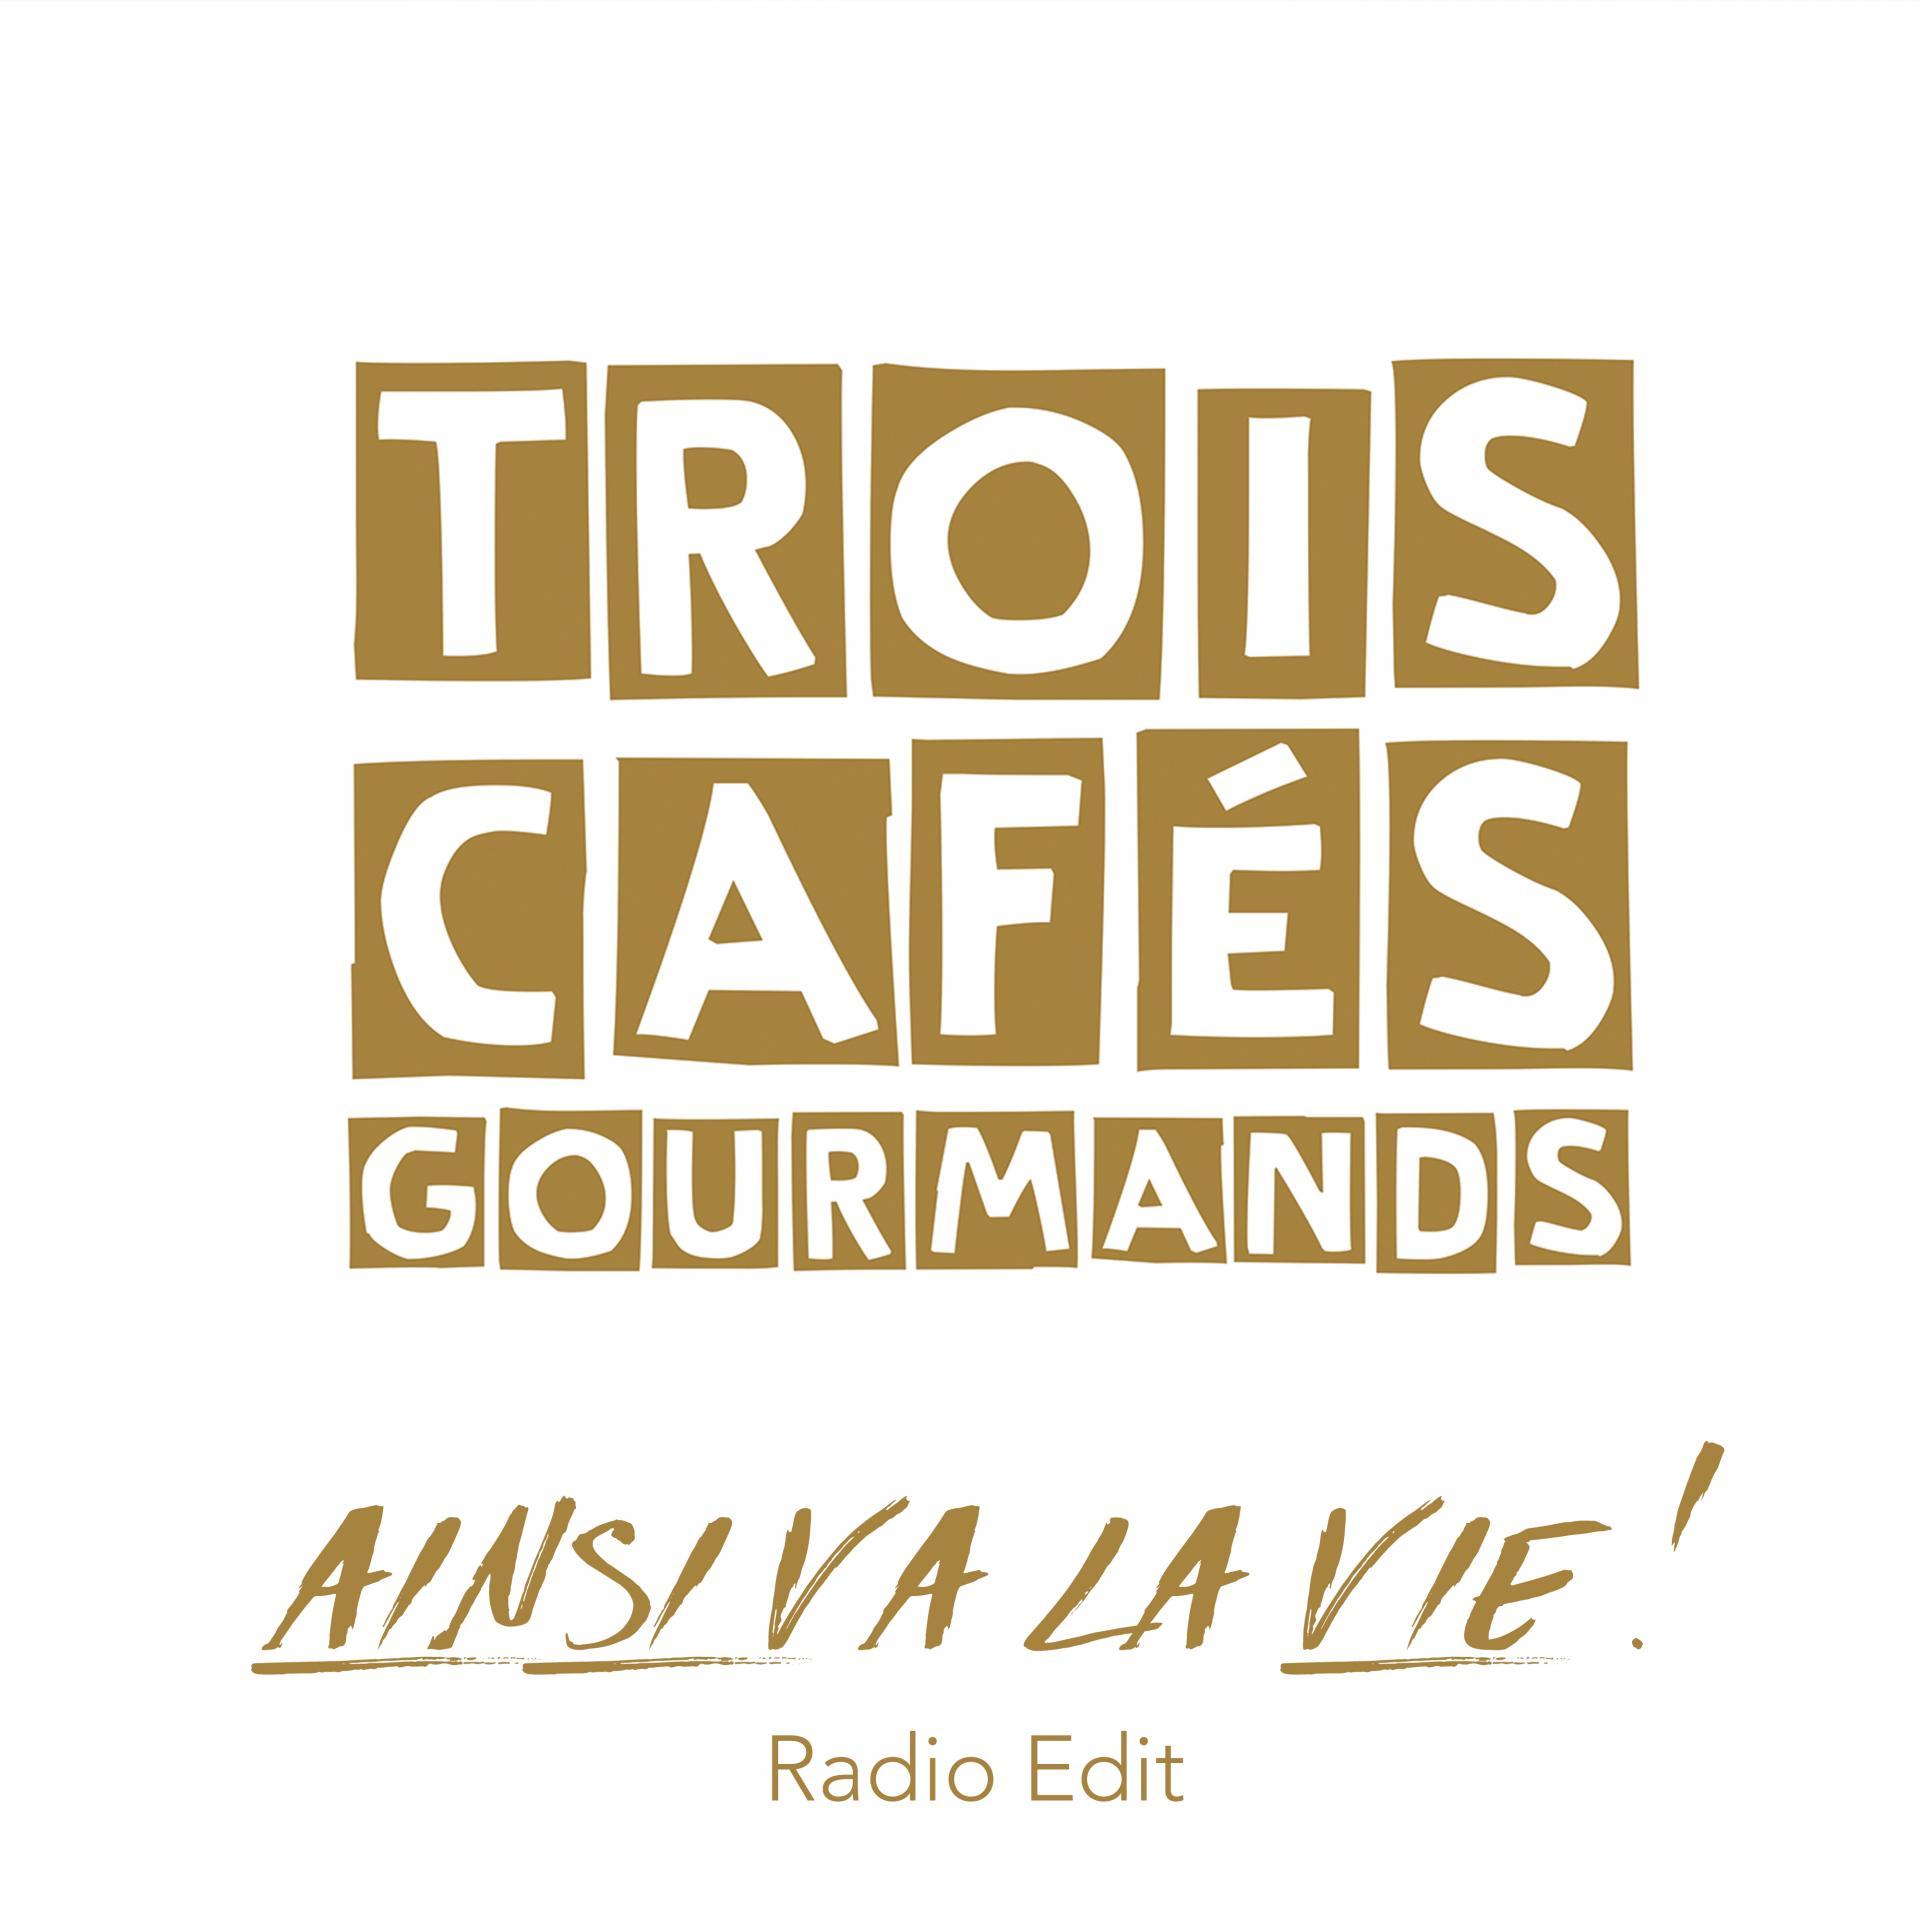 Trois caf s gourmands ainsi va la vie radio edit